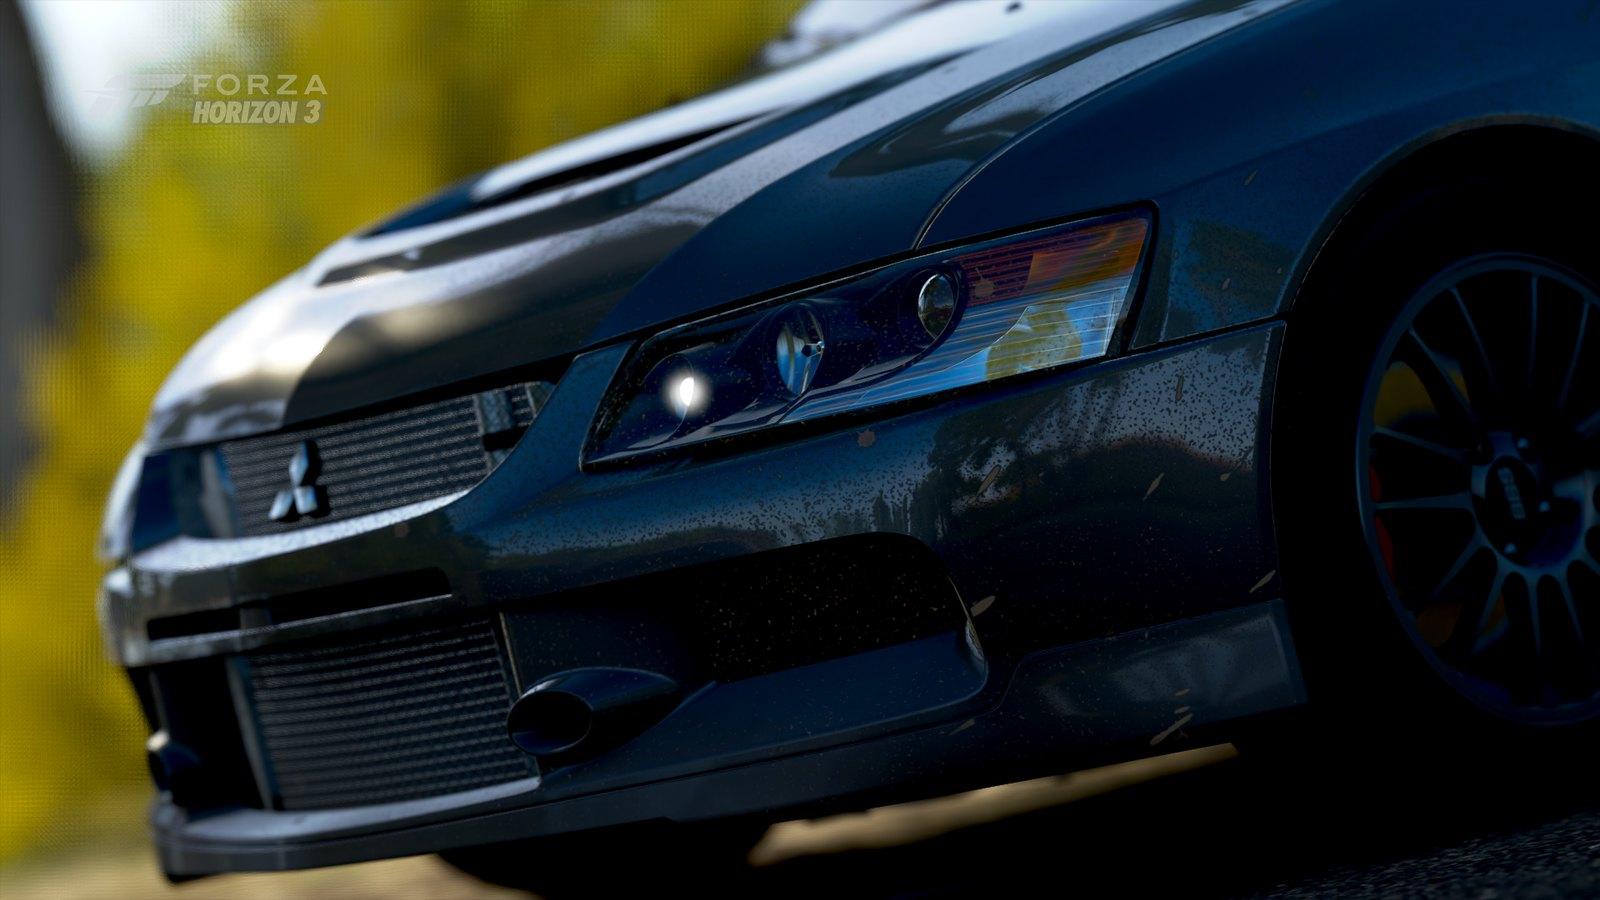 28436444467_0ee901d559_h ForzaMotorsport.fr